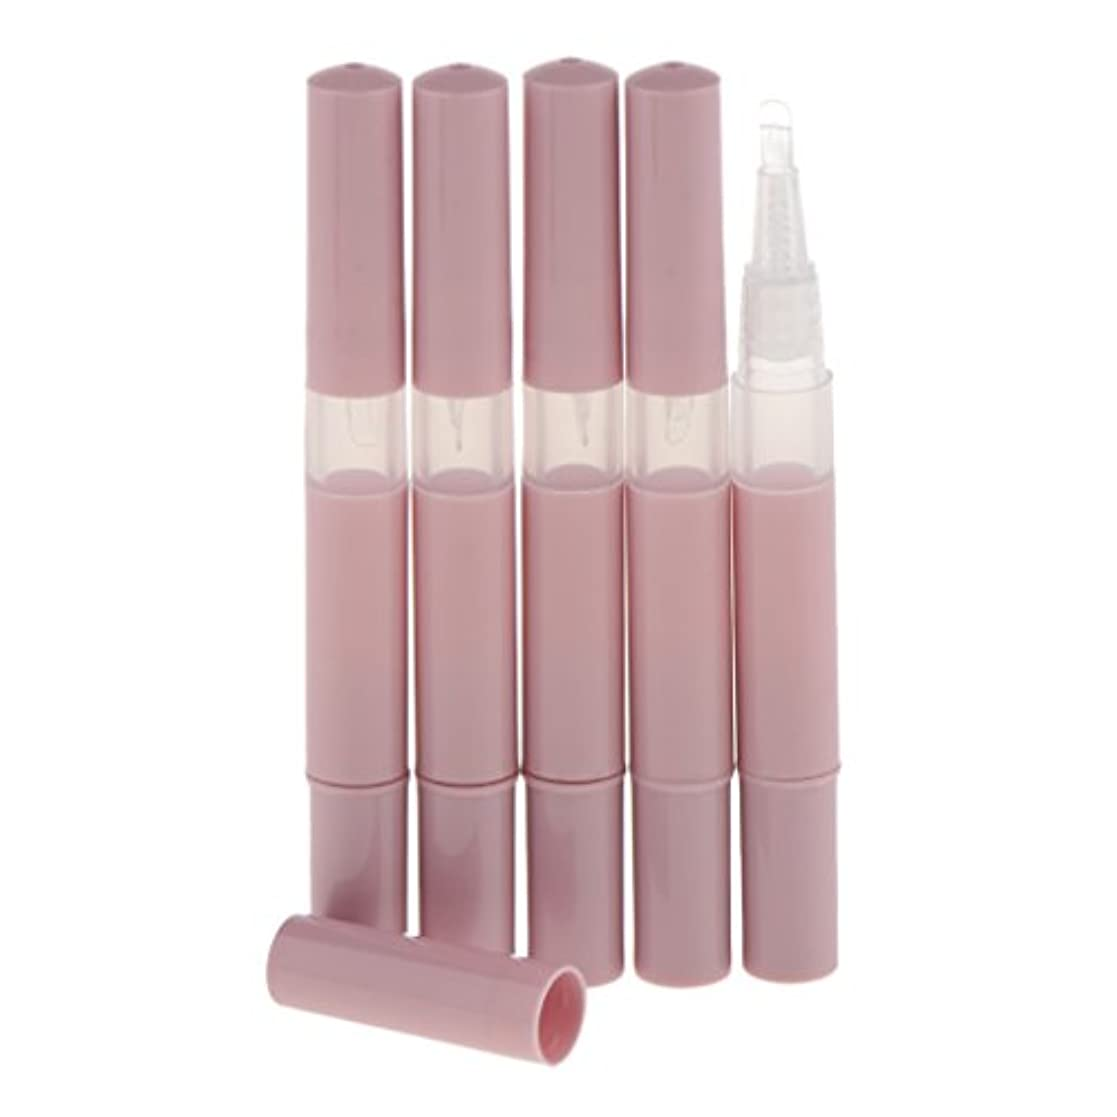 サスティーンどこか専門化するKesoto 5個 化粧品容器 空チューブ  3ml ネイルオイルペン リップグロスチューブ 旅行 化粧品コンテナ 5色選べる - ピンク